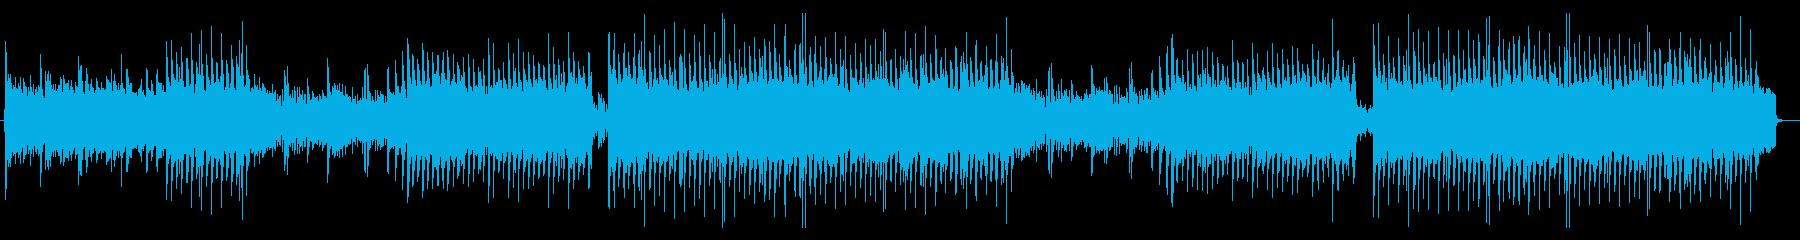 何かが始まるアニソン系元気キュートポップの再生済みの波形